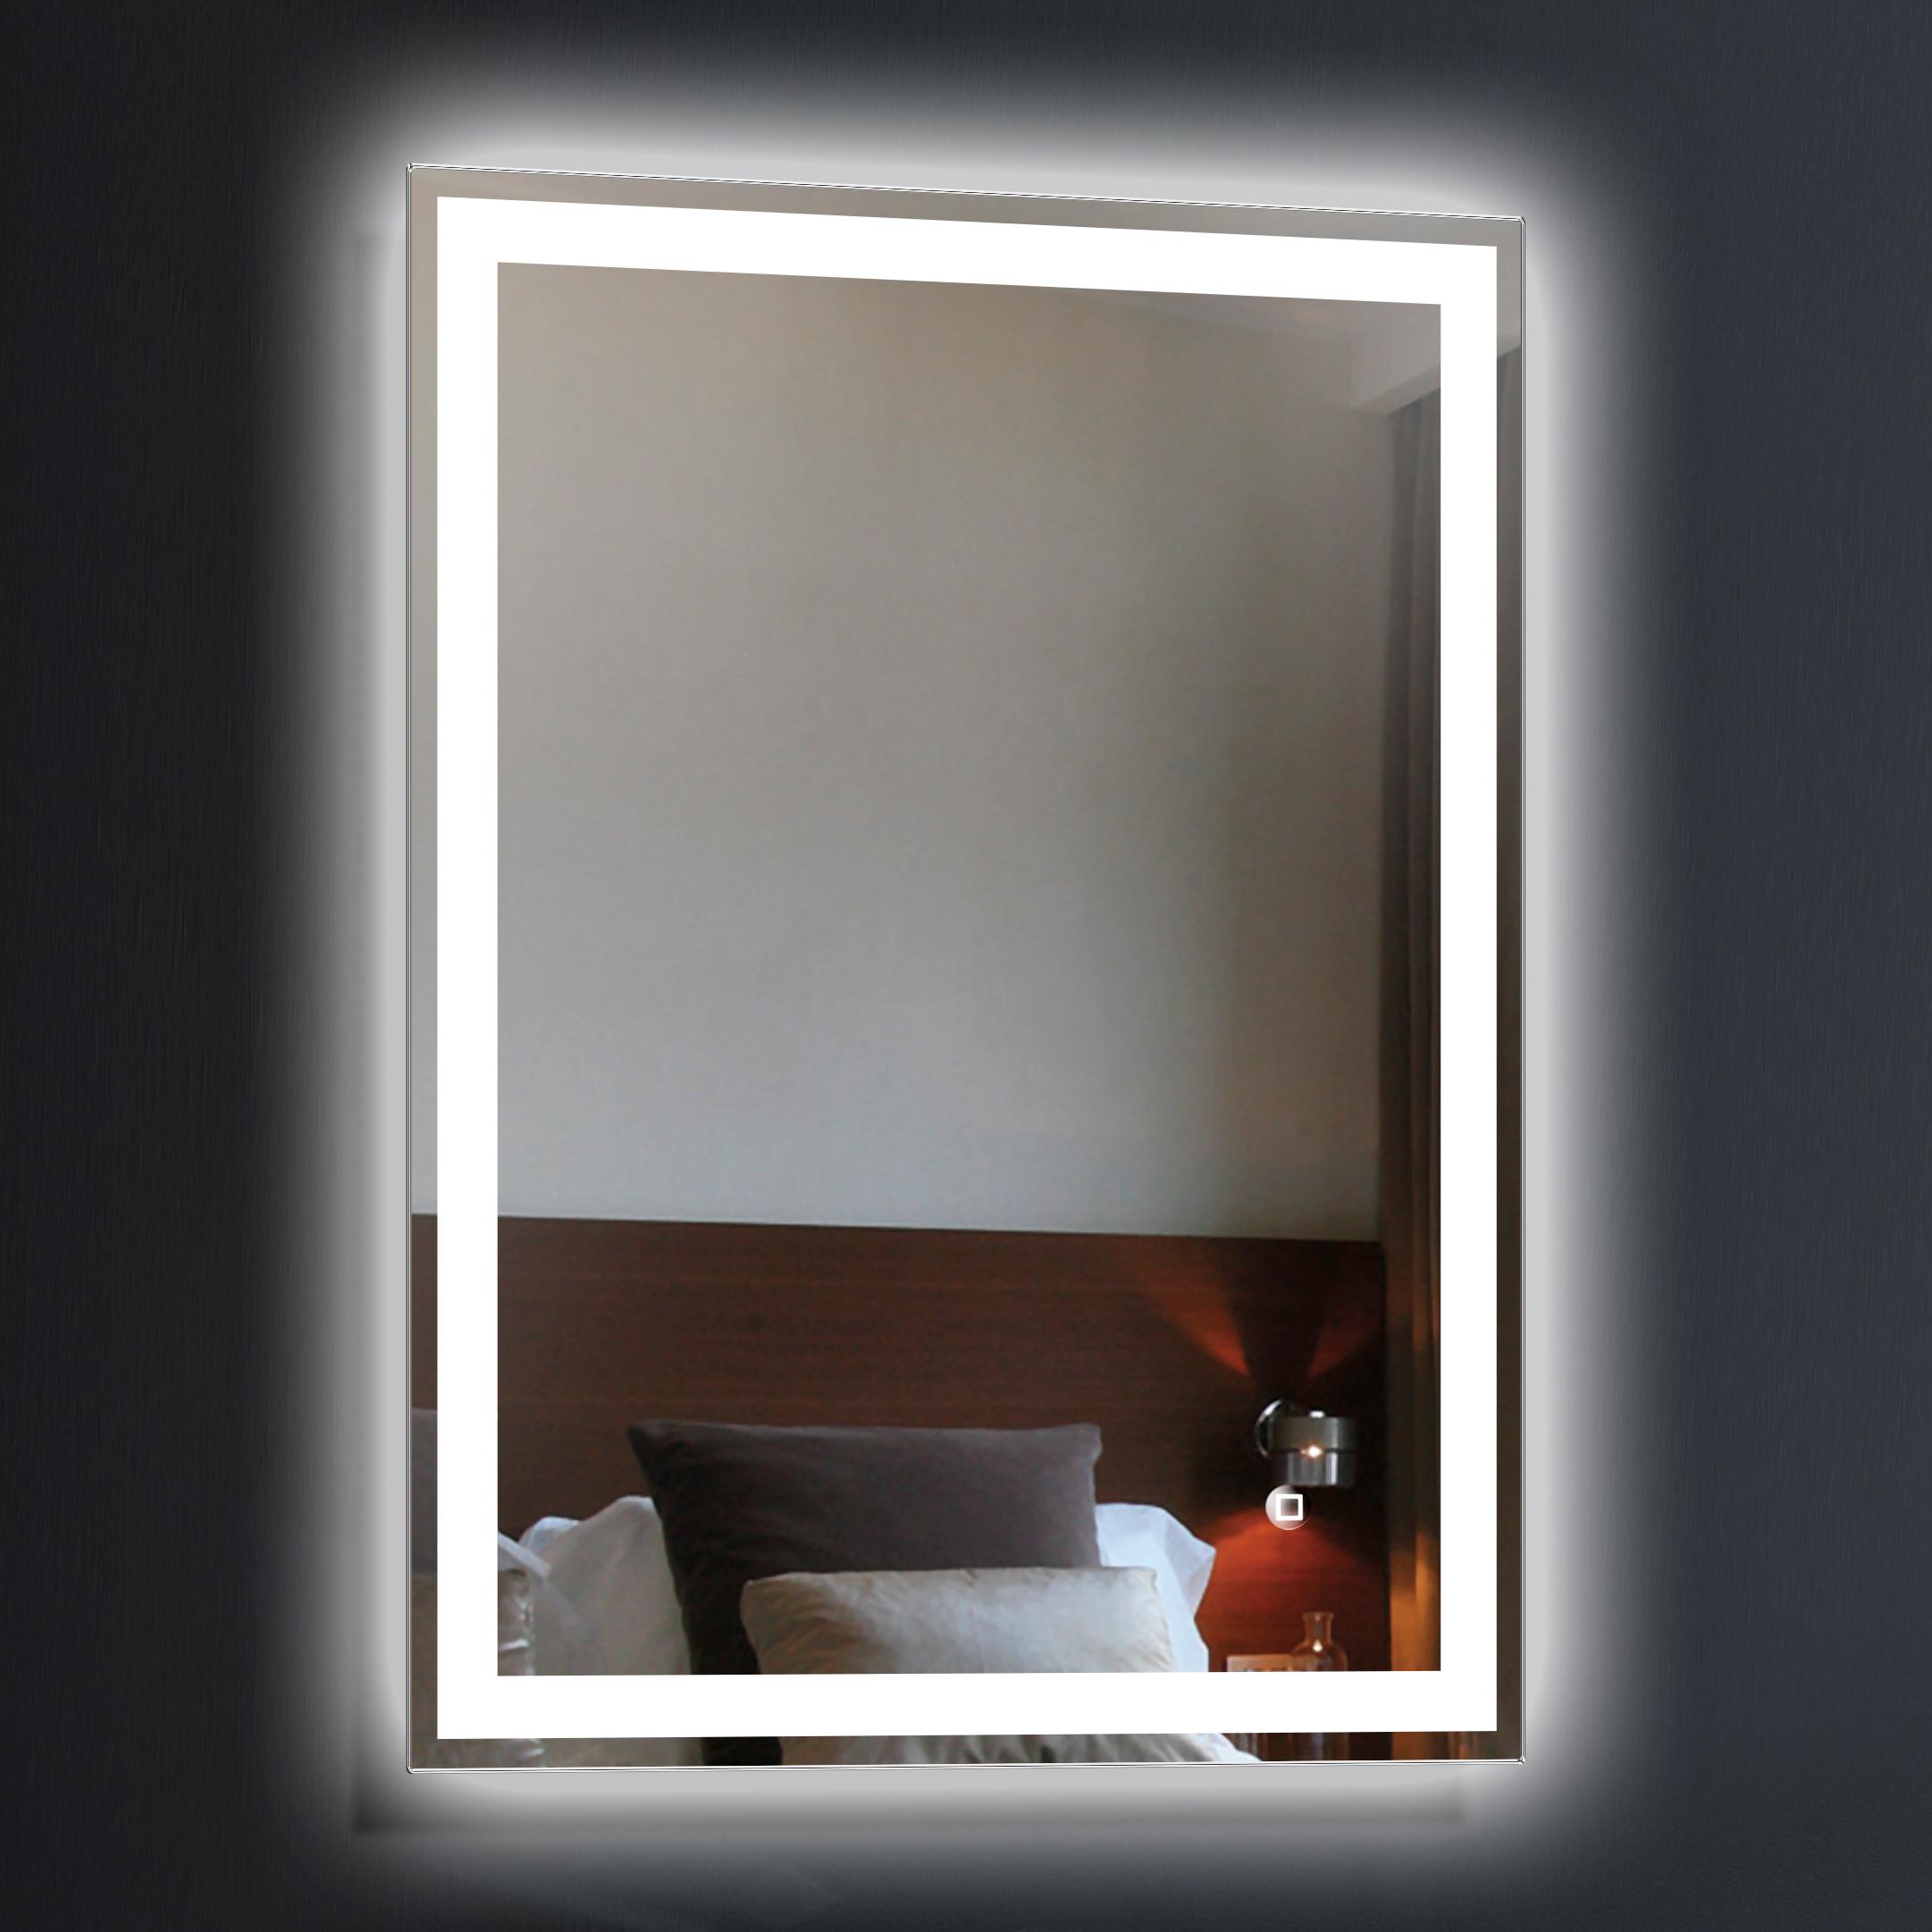 рамка для фото со светом должен